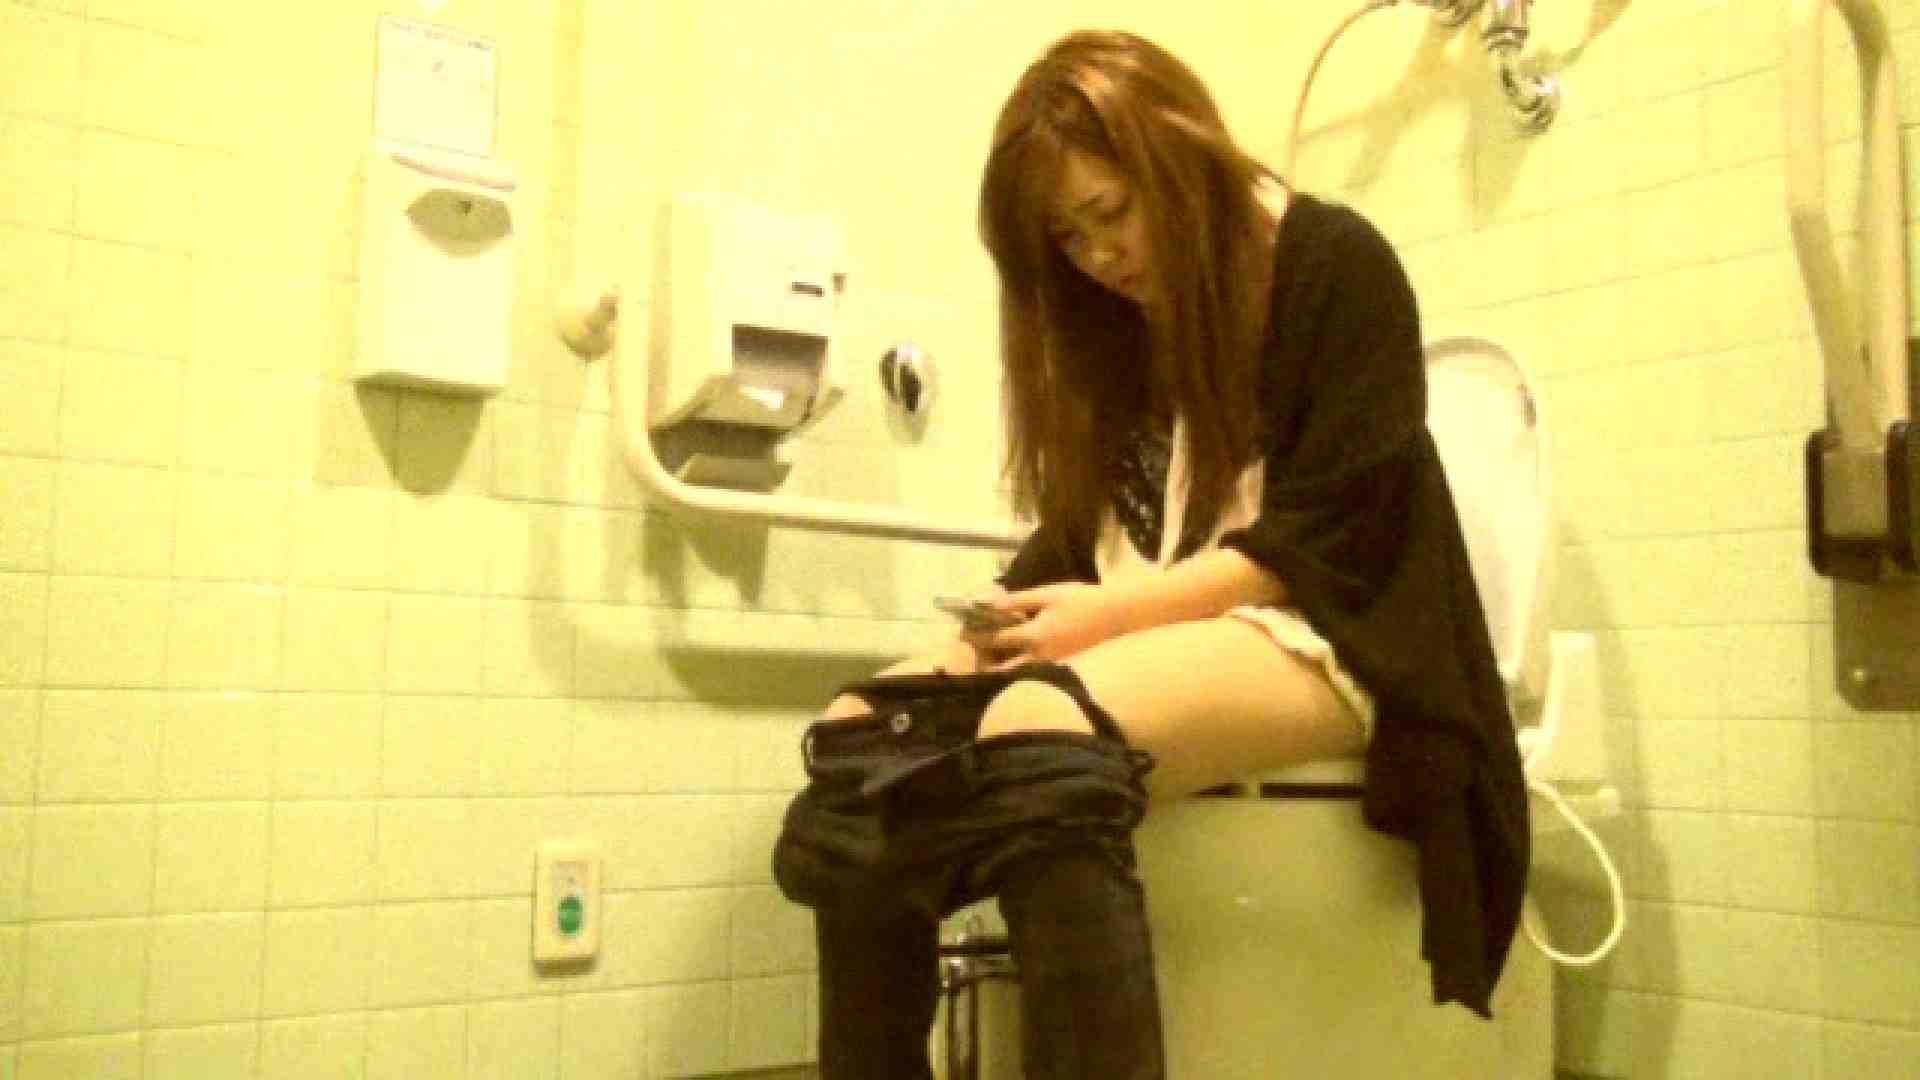 魔術師の お・も・て・な・し vol.26 19歳のバーの店員さんの洗面所をしばし… OLの実態   イタズラ  90pic 34